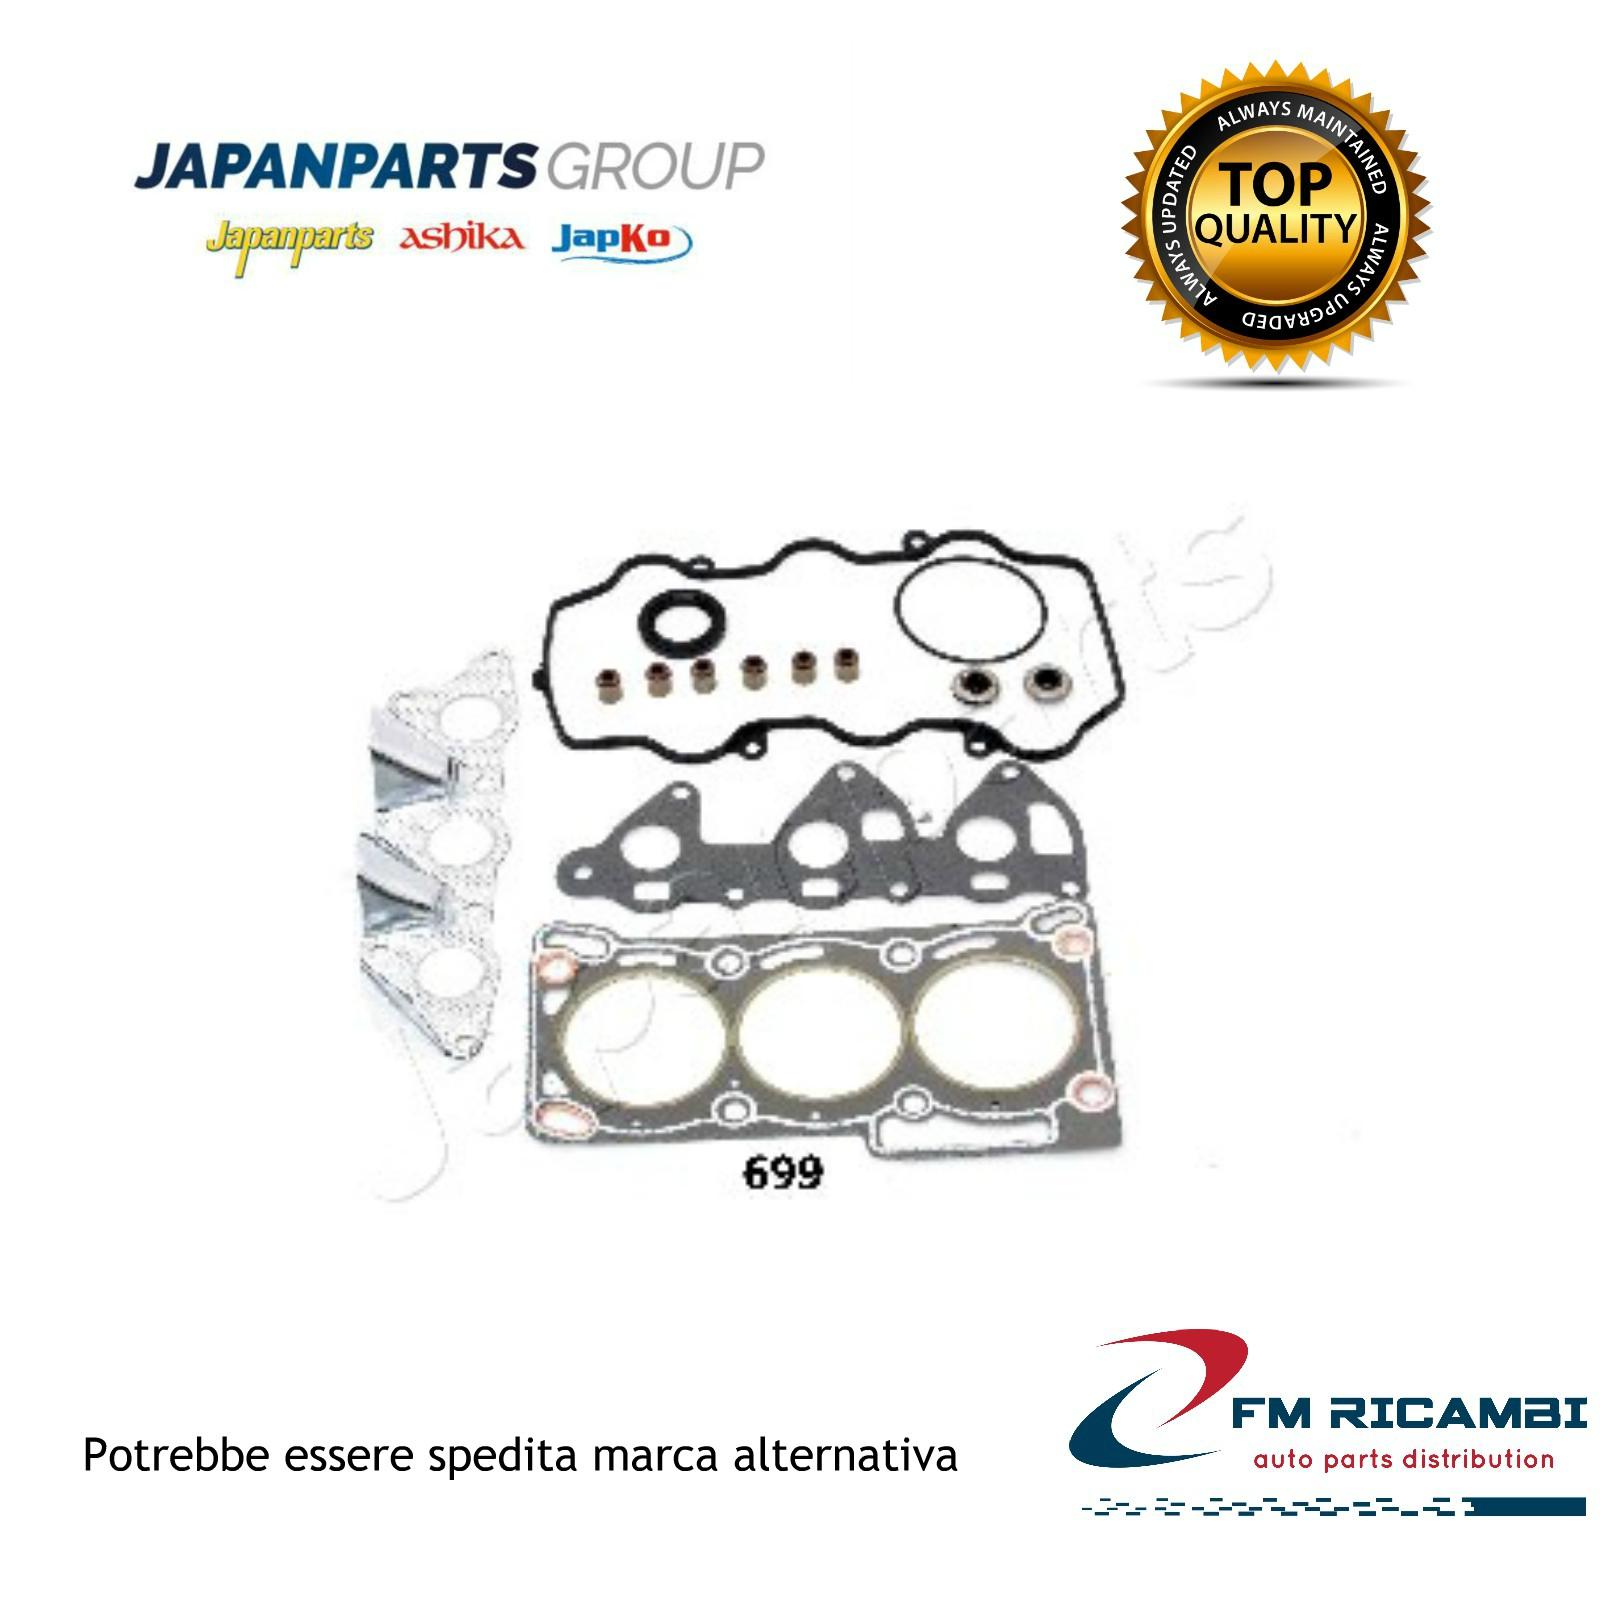 JAPANPARTS JPKM-699 KIT COMPLETO GUARNIZIONI MOTORE